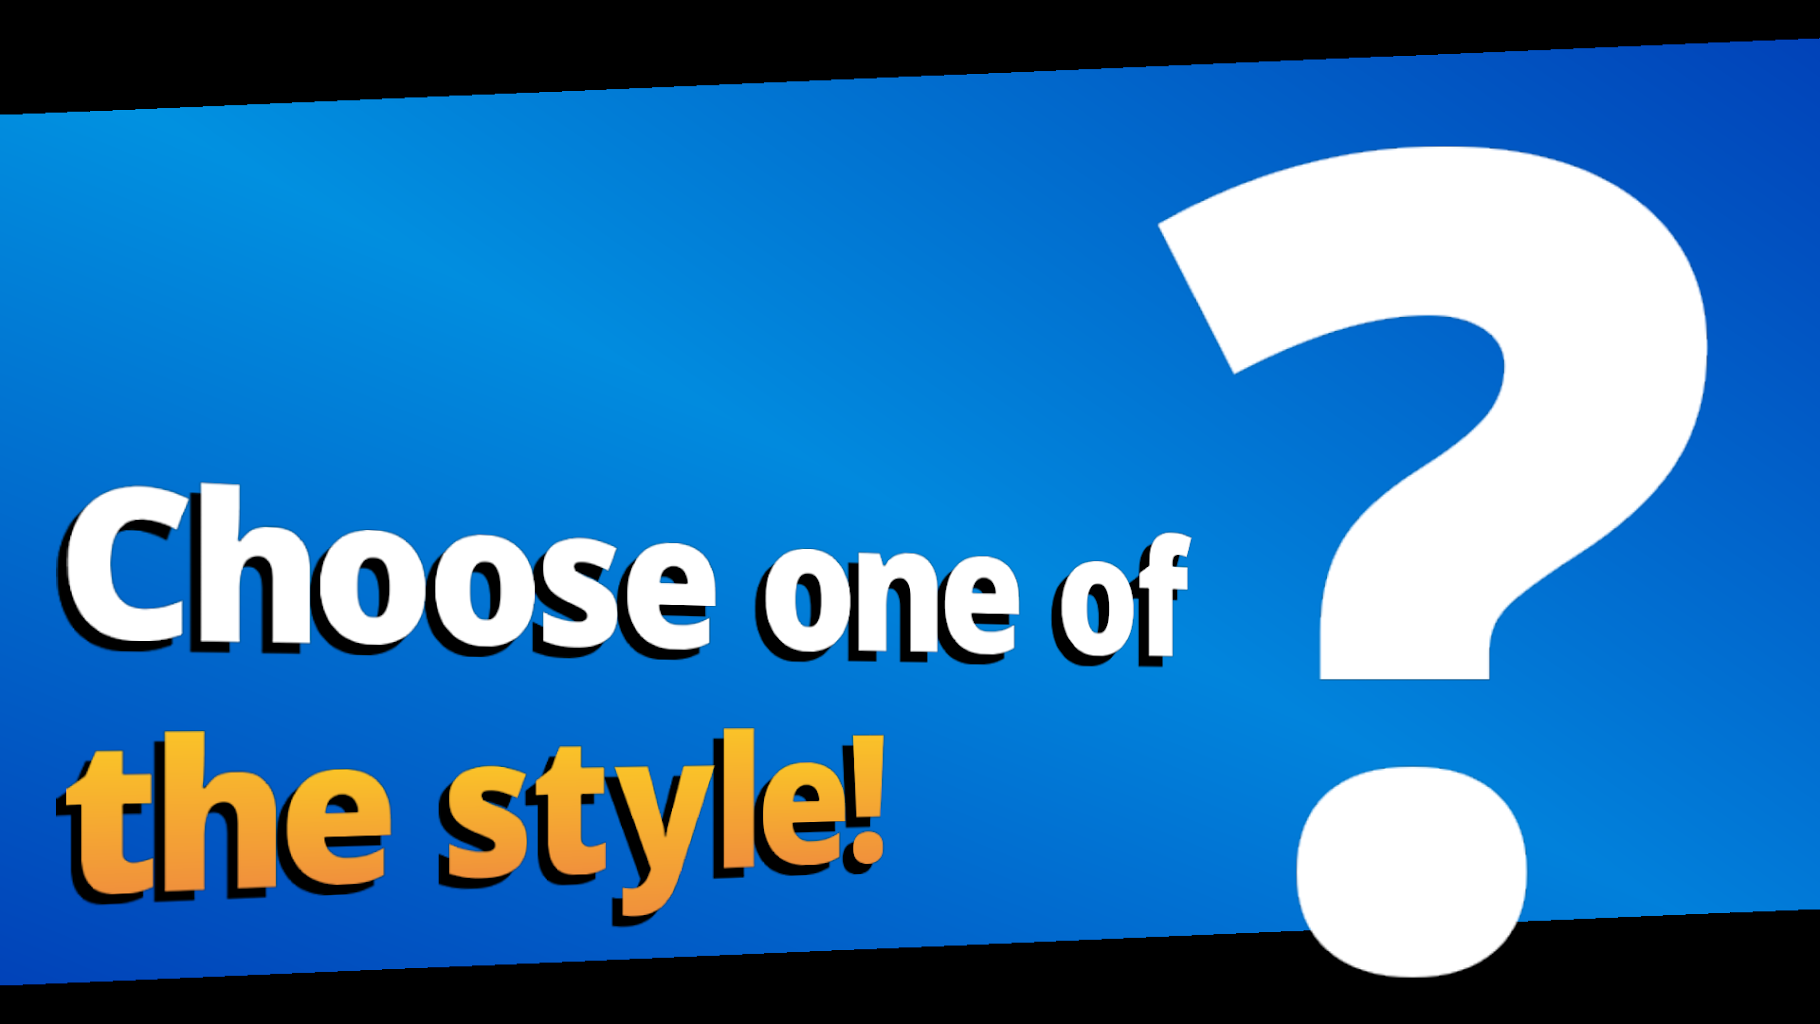 Joins The Battle! - Meme Generator 2.2.2 Apk Download - de ...